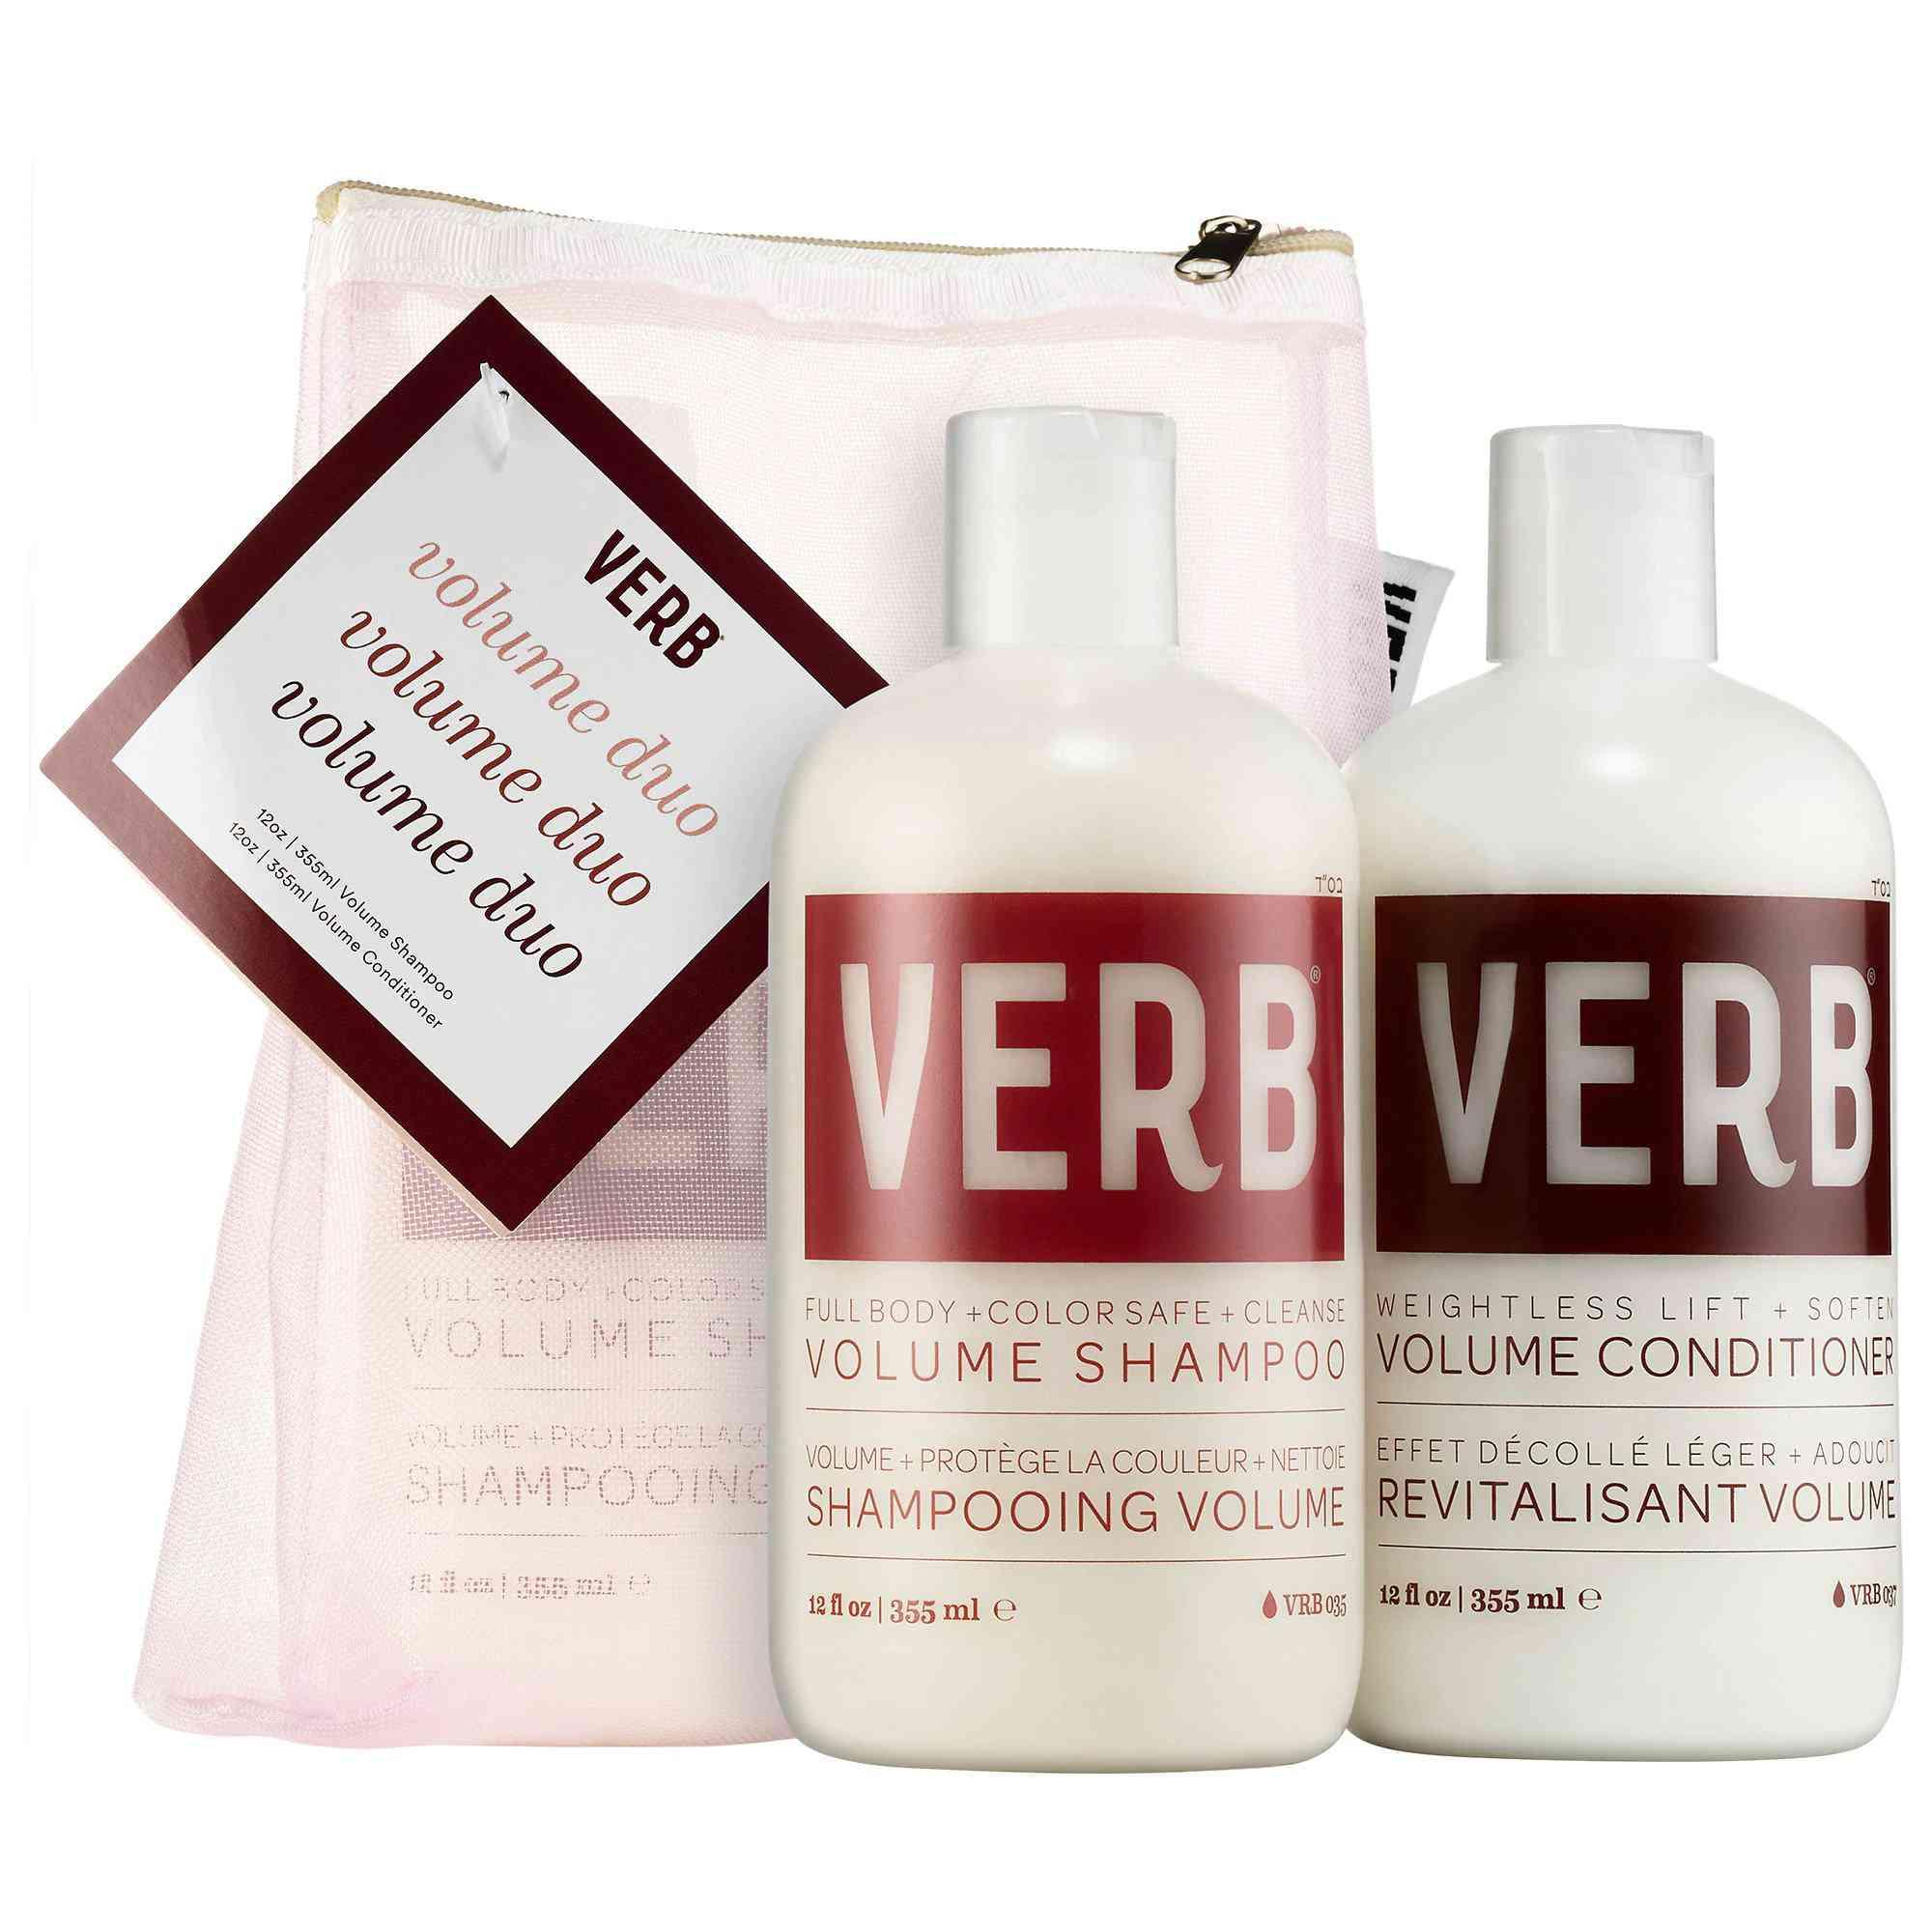 VERB Volume Duo Kit